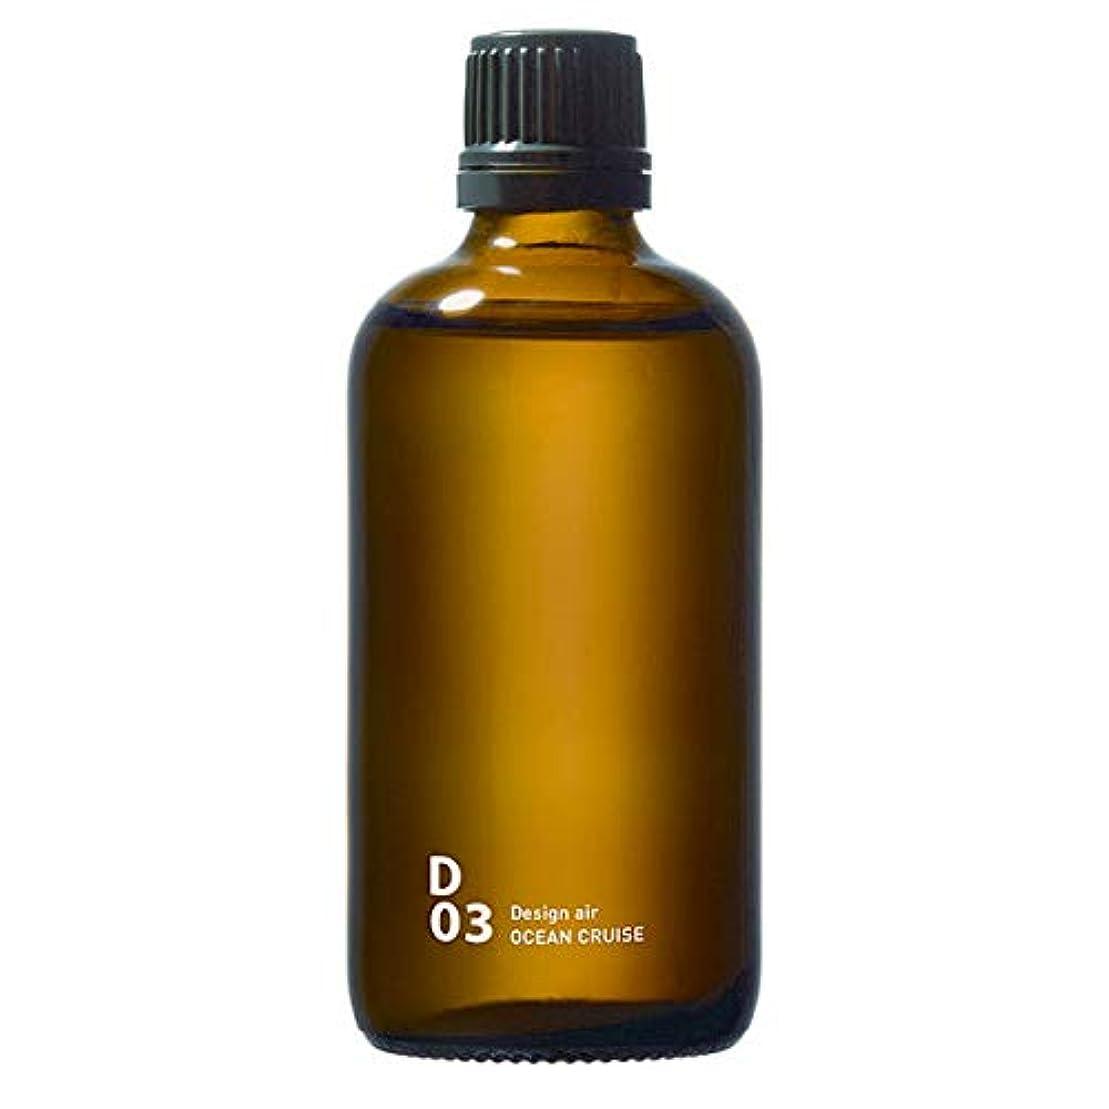 ネックレスメタリックそれによってD03 OCEAN CRUISE piezo aroma oil 100ml